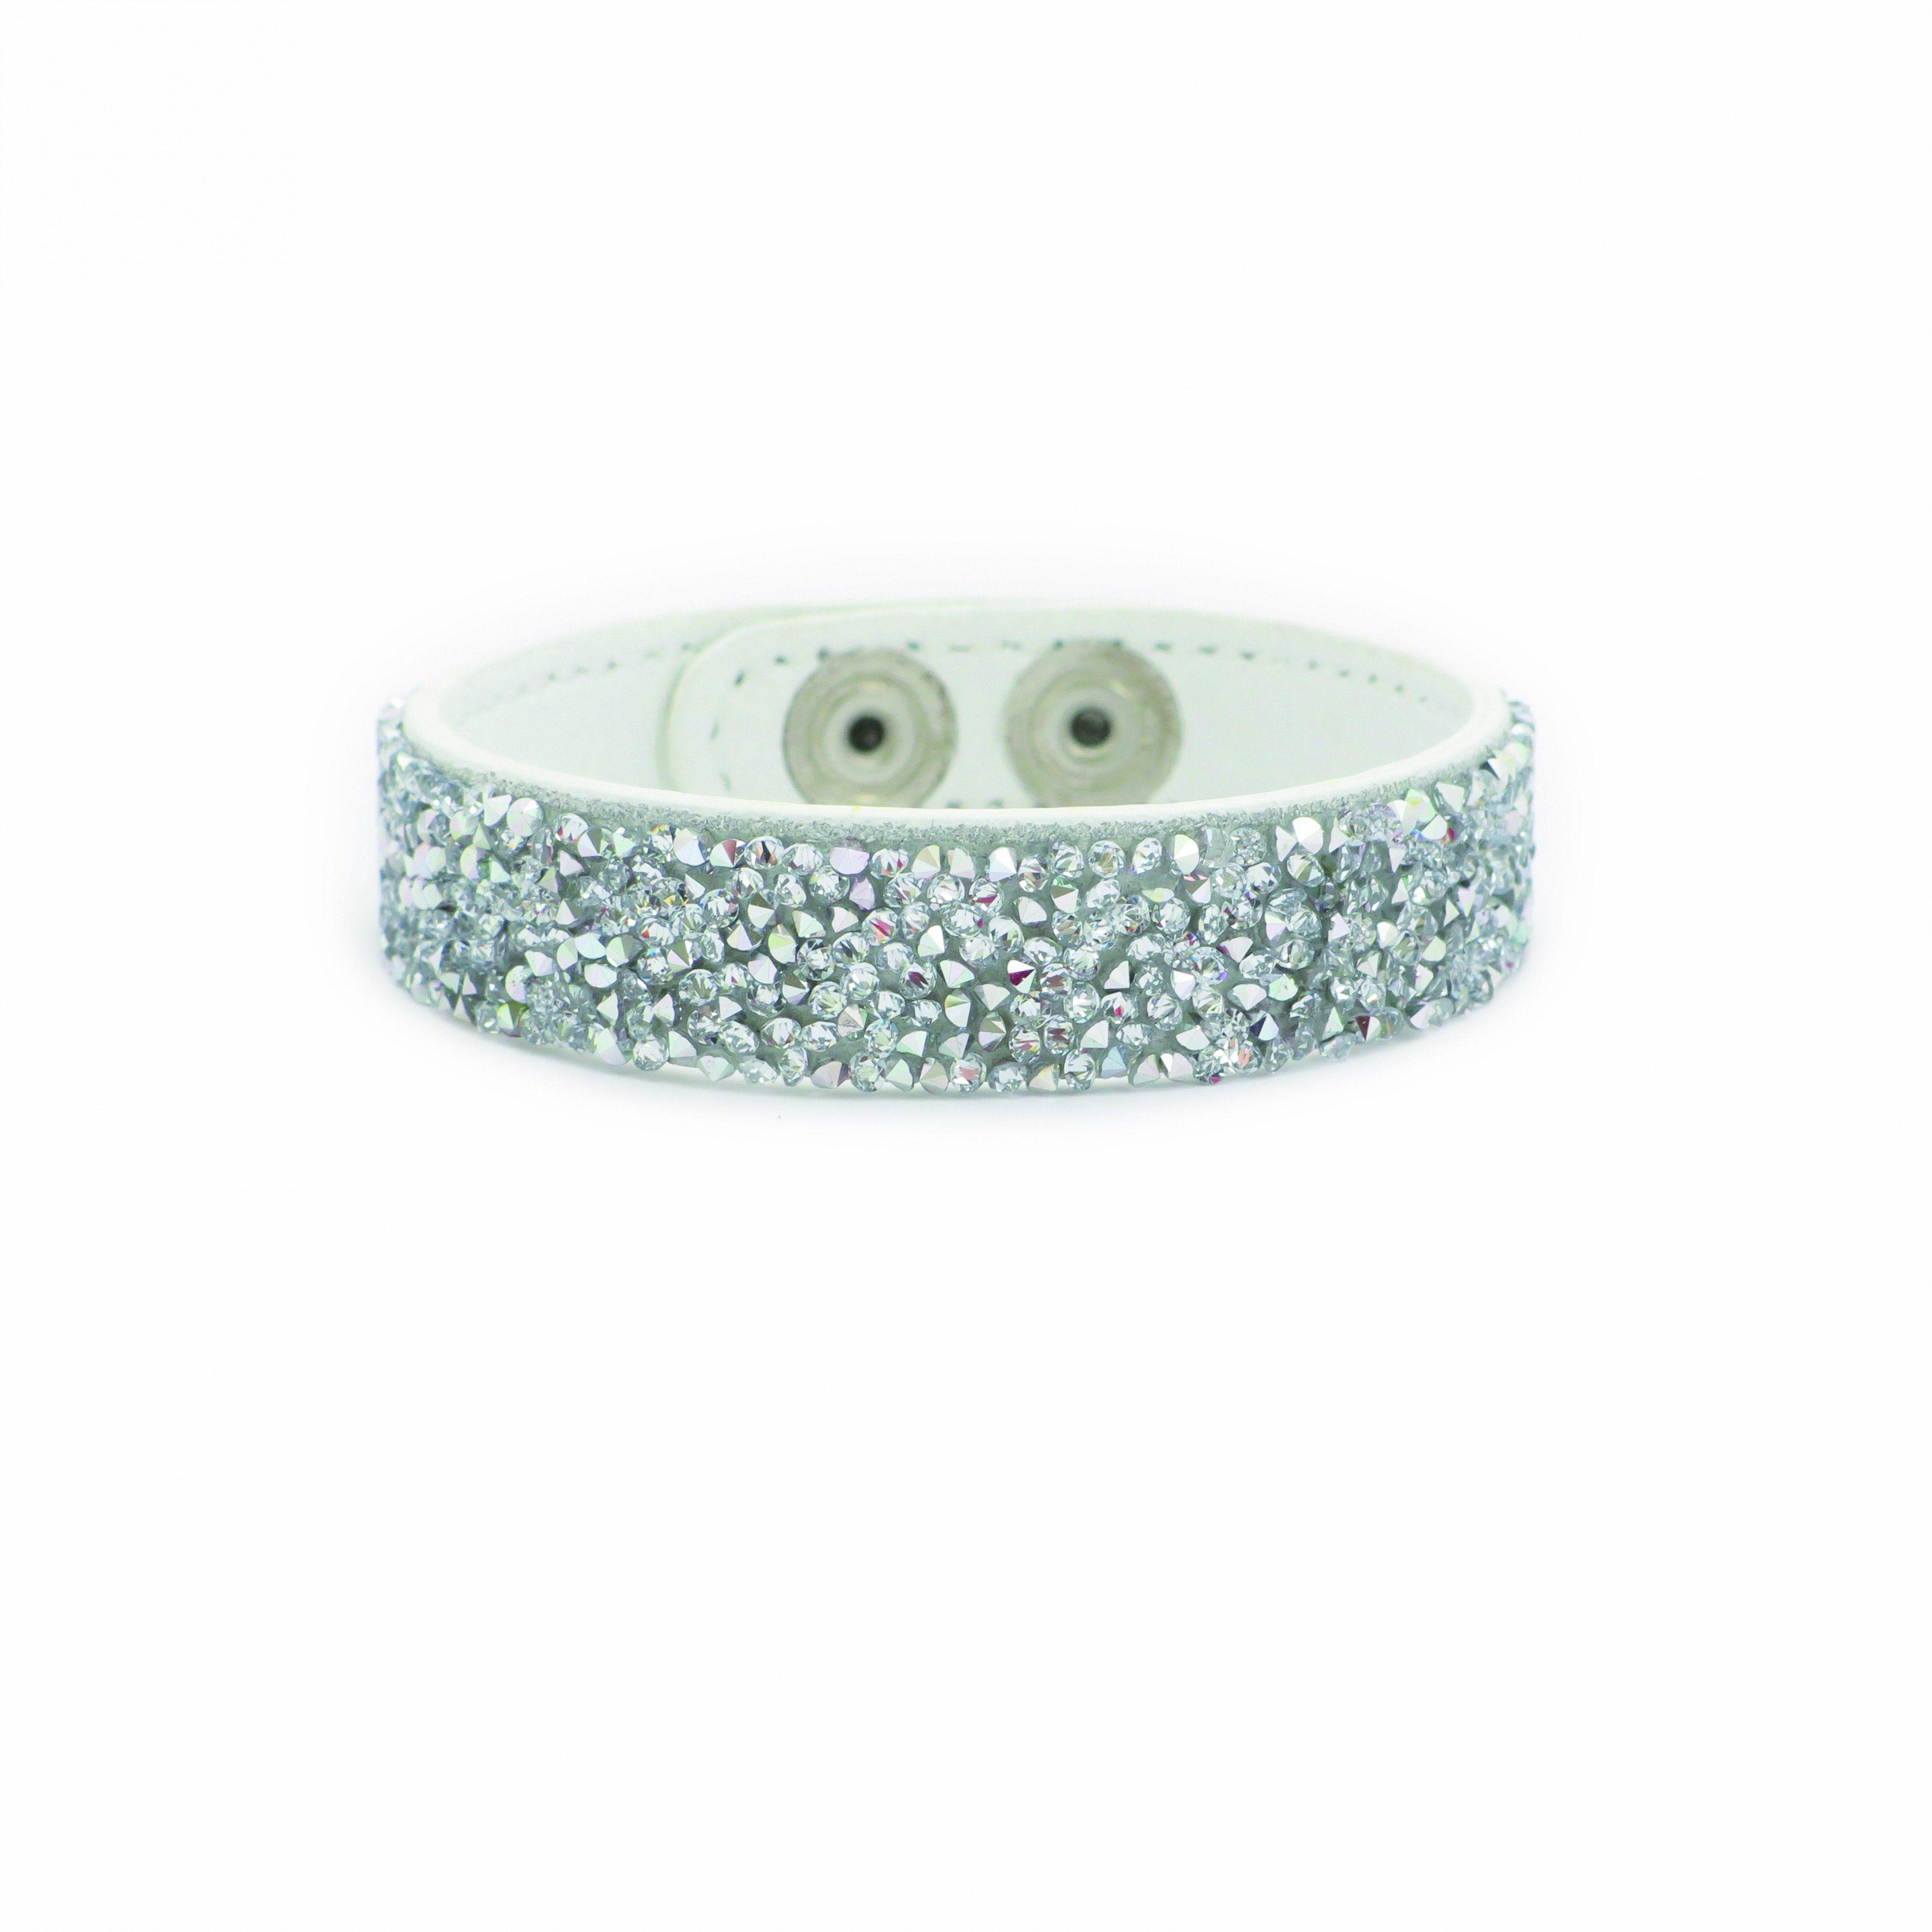 LOVING CRYSTAL Lederarmband mit Swarovski-Steinen | Schmuck > Armbänder > Lederarmbänder | Weiß | Loving Crystal